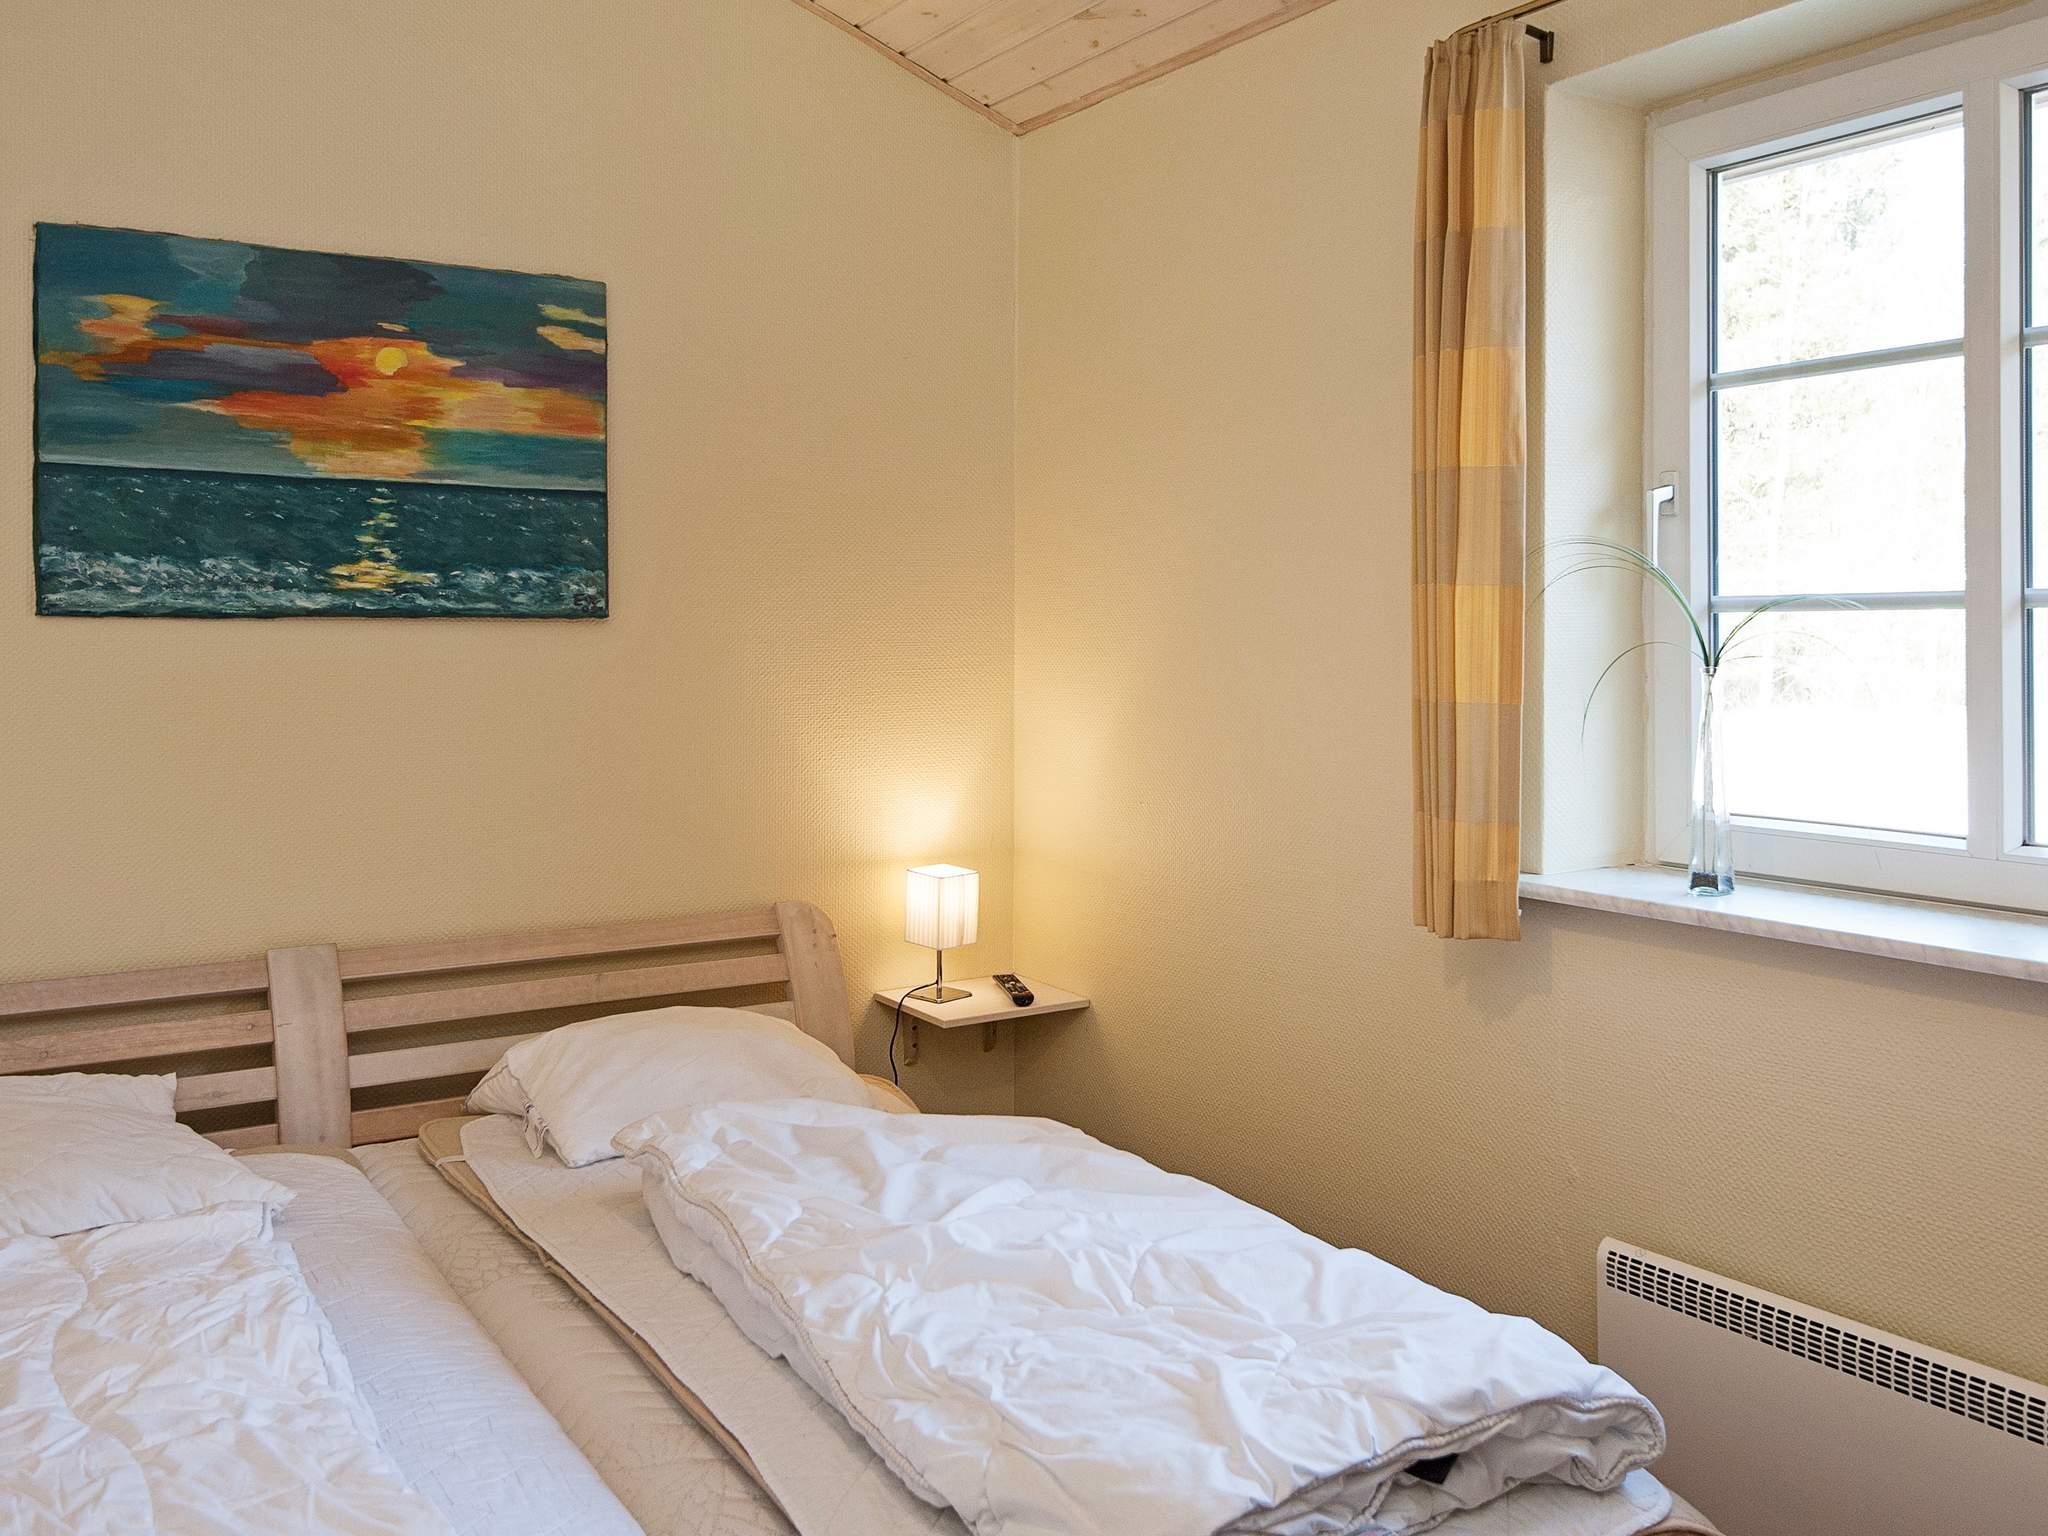 Ferienhaus Rømø/Sønder Strand (84924), Rømø, , Südwestjütland, Dänemark, Bild 12